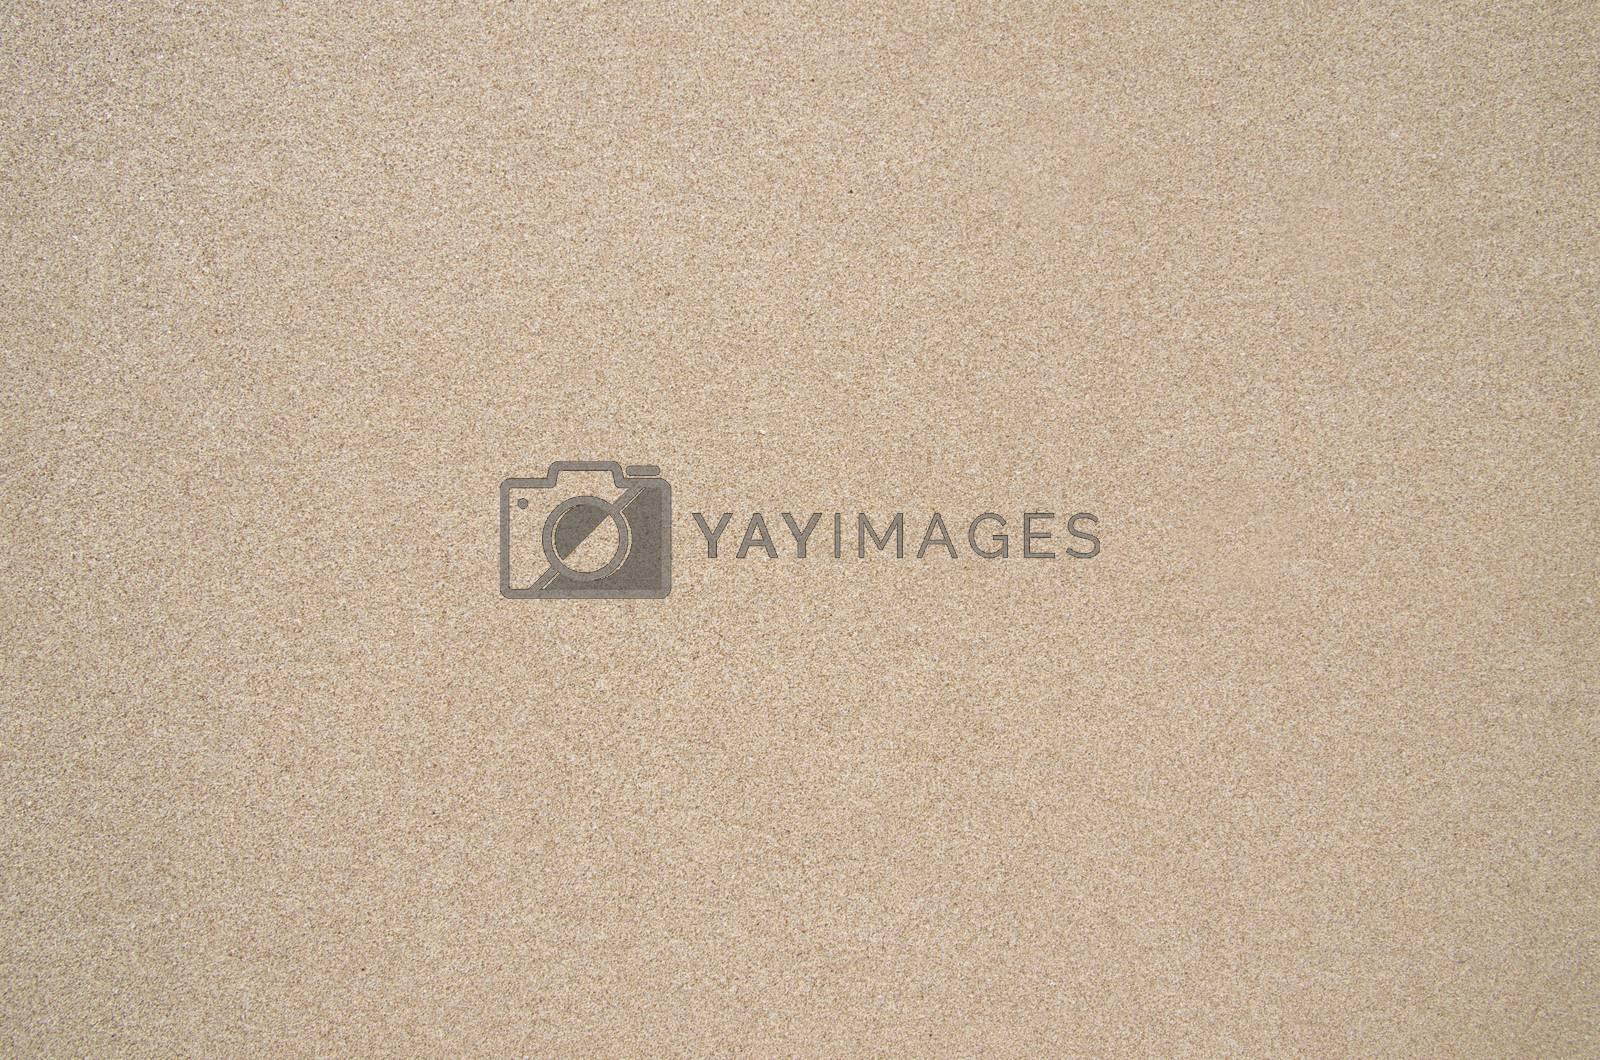 Royalty free image of sand by Pakhnyushchyy